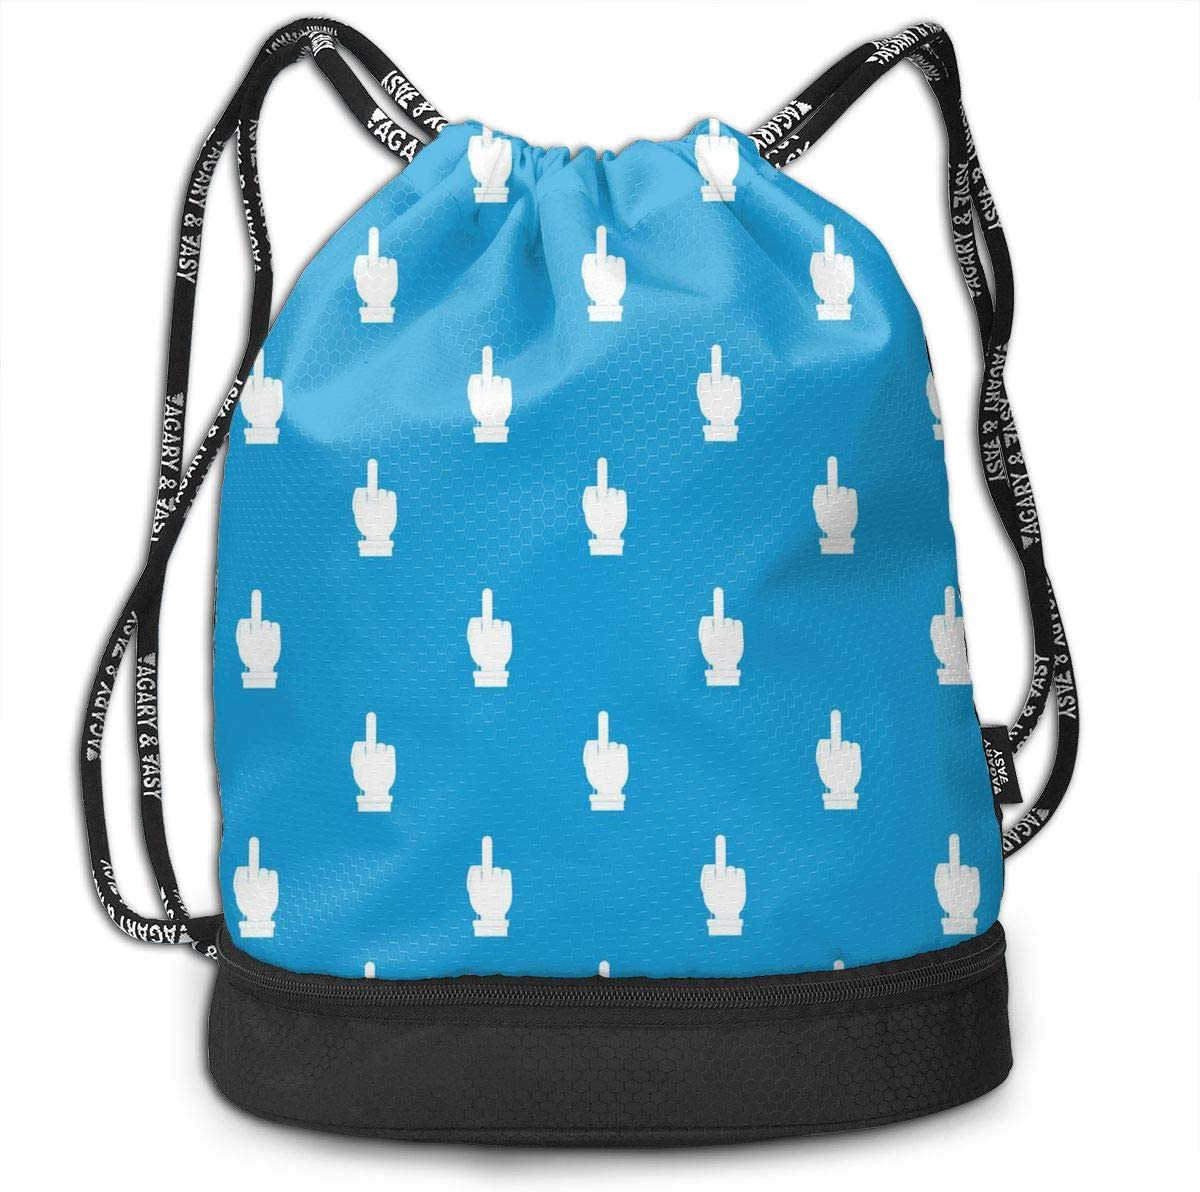 Drawstring Backpack Middle Finger Shoulder Bags